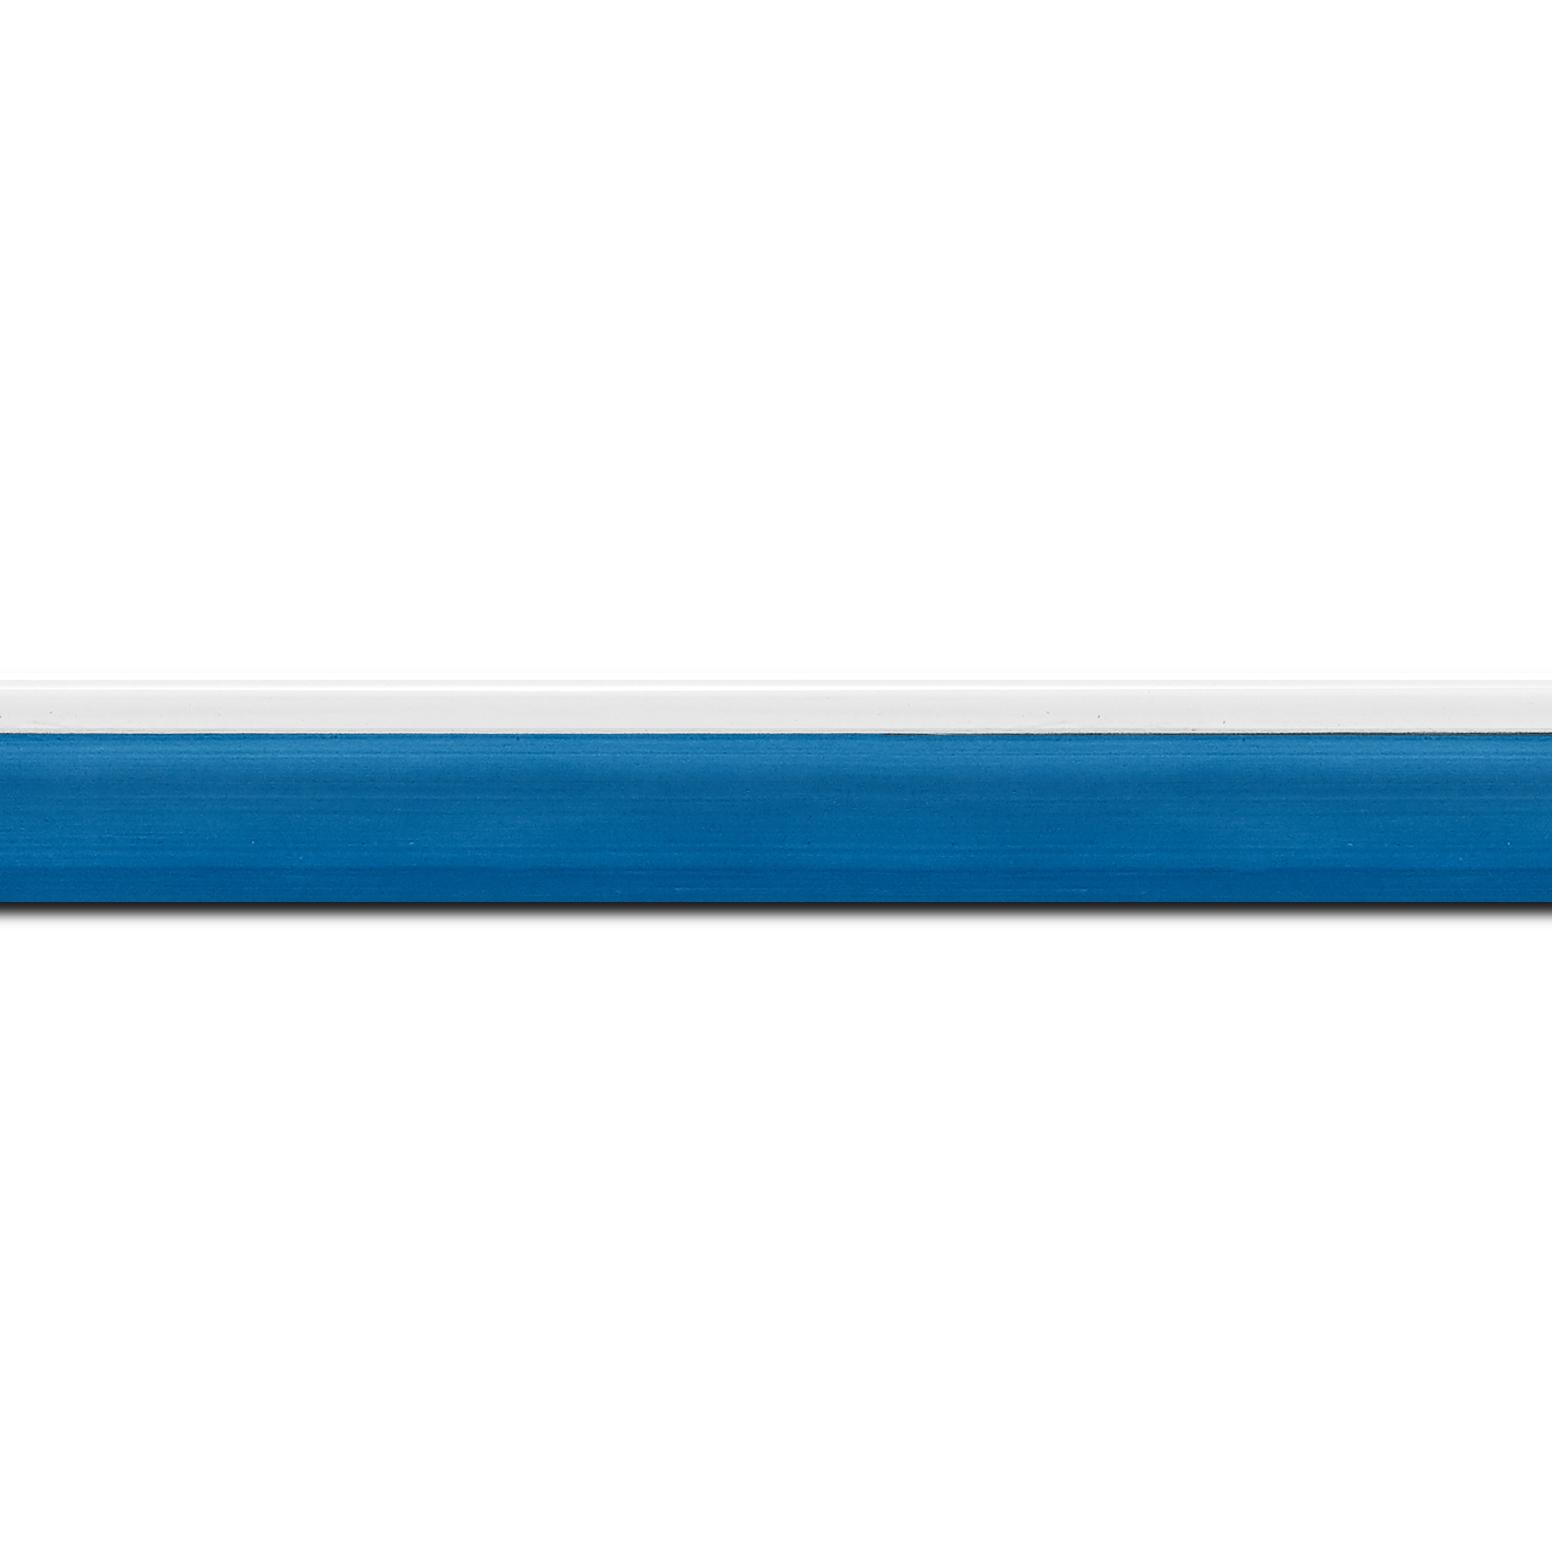 Baguette longueur 1.40m bois profil en pente plongeant largeur 2.2cm couleur bleu lagon laqué filet extérieur blanc laqué